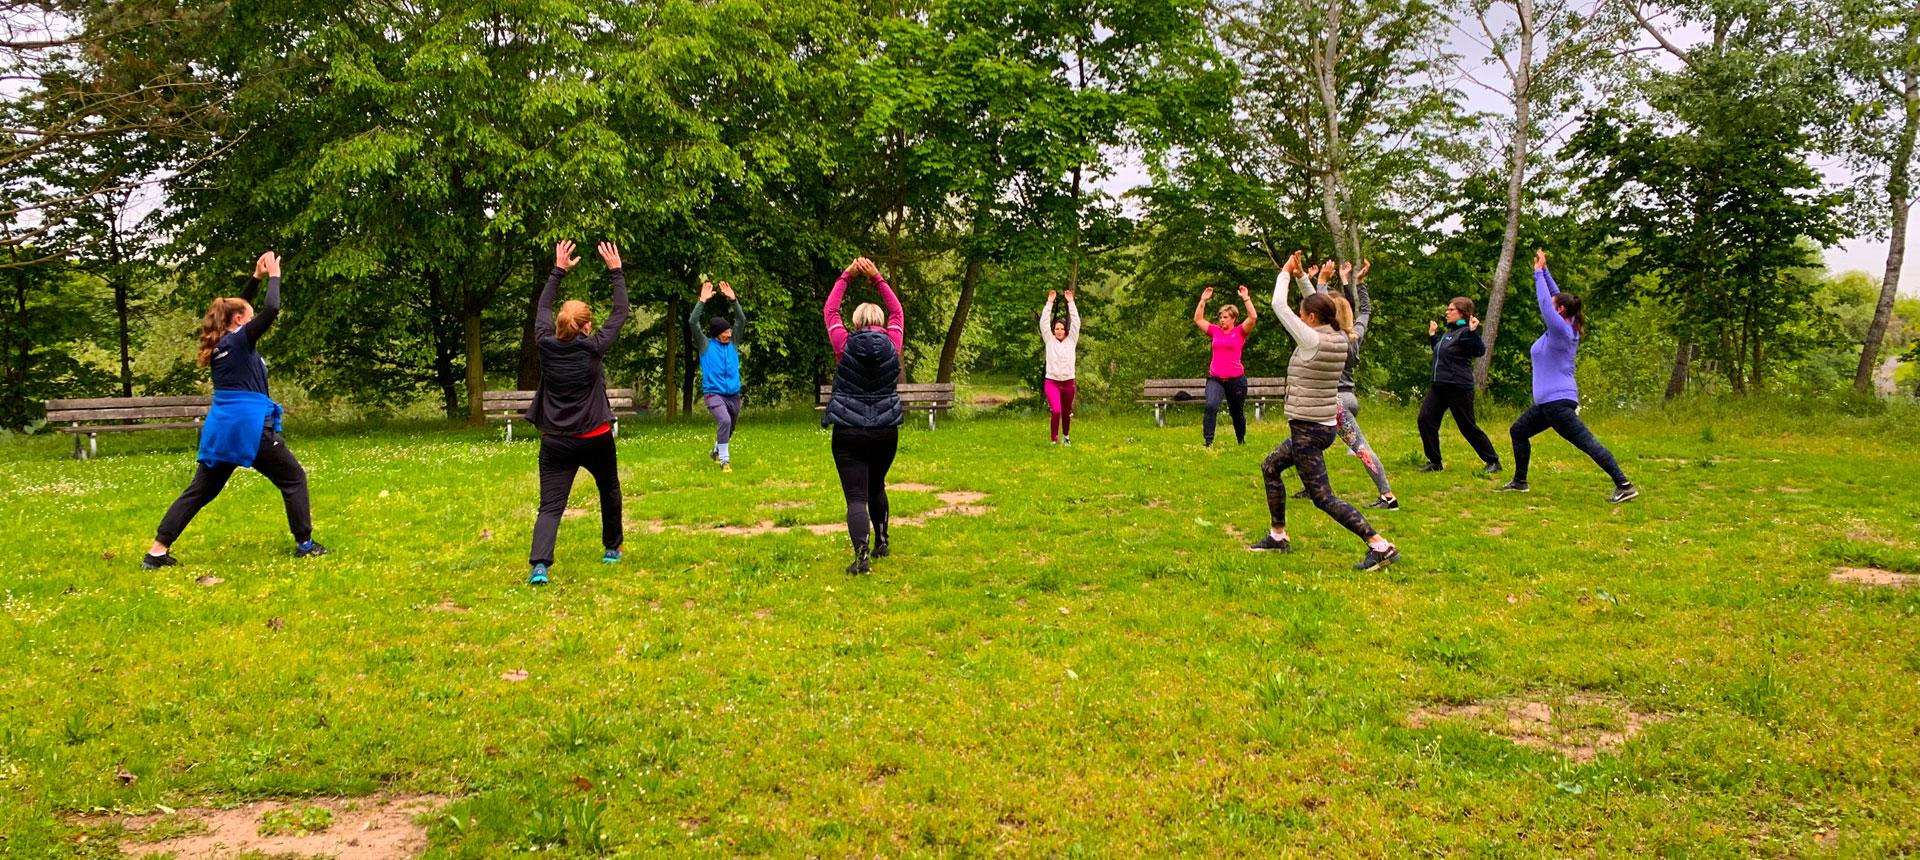 Aktiv, Bewegung, Sport